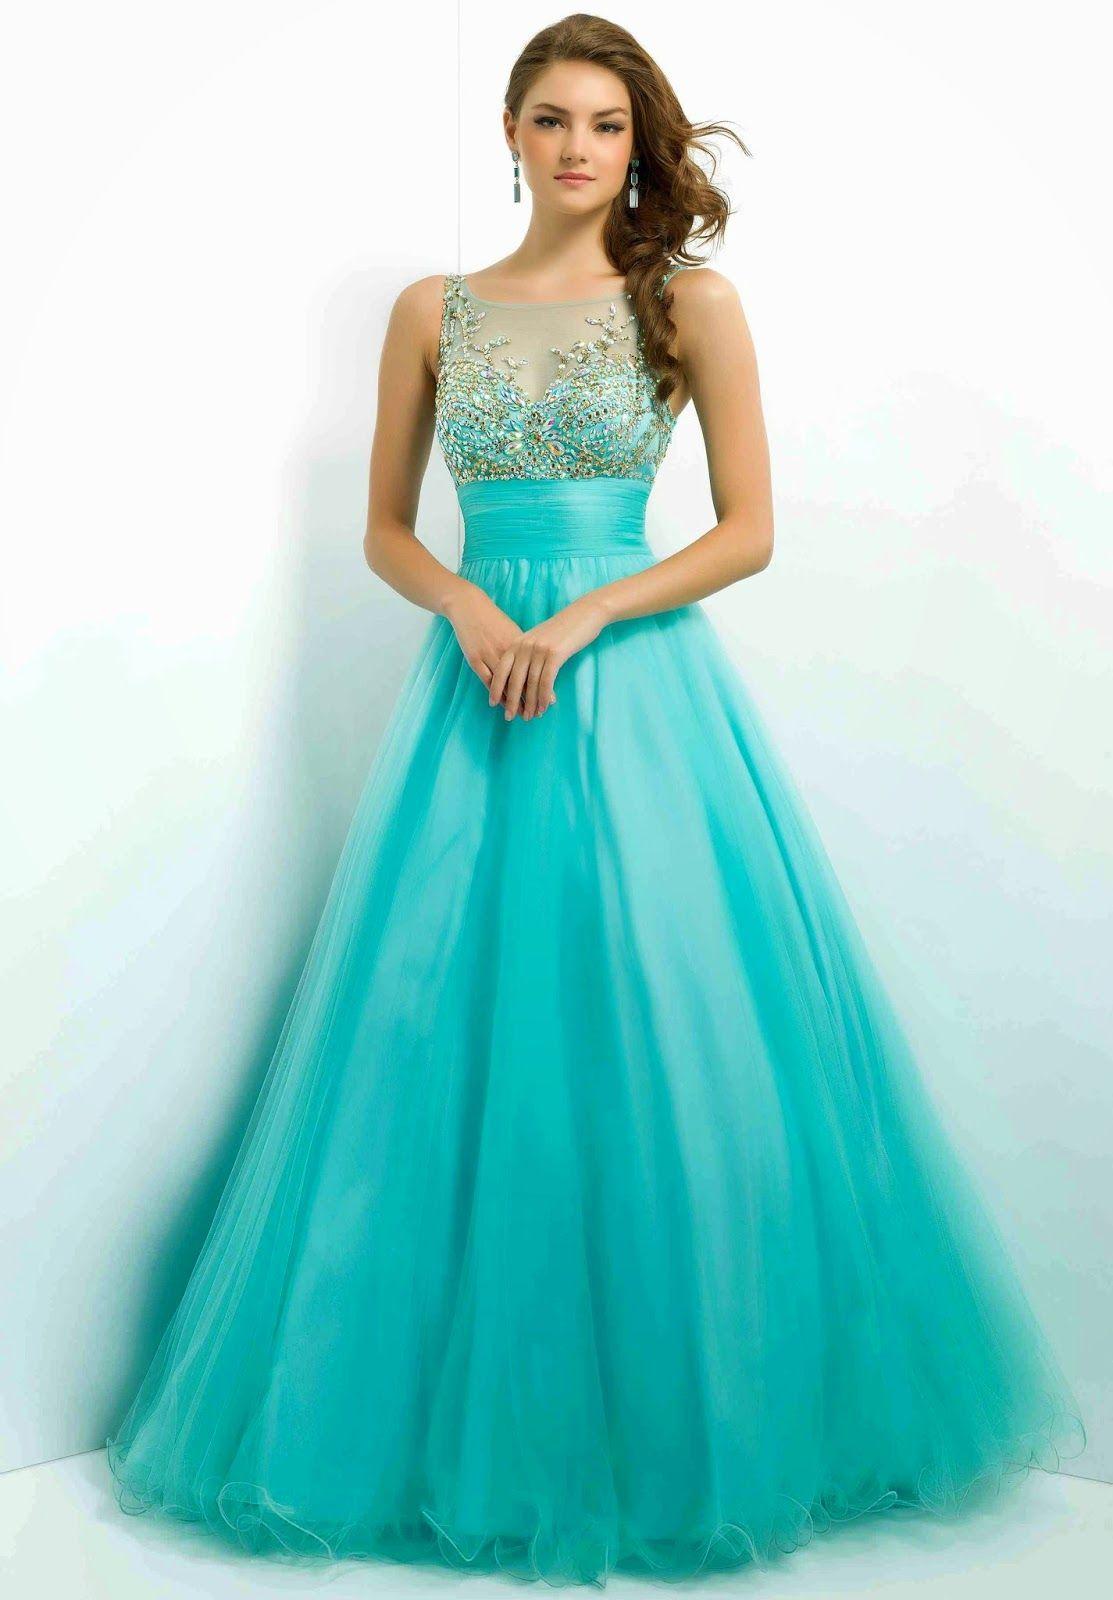 Grandiosos vestidos largos de gala | Especial vestidos de fiesta ...